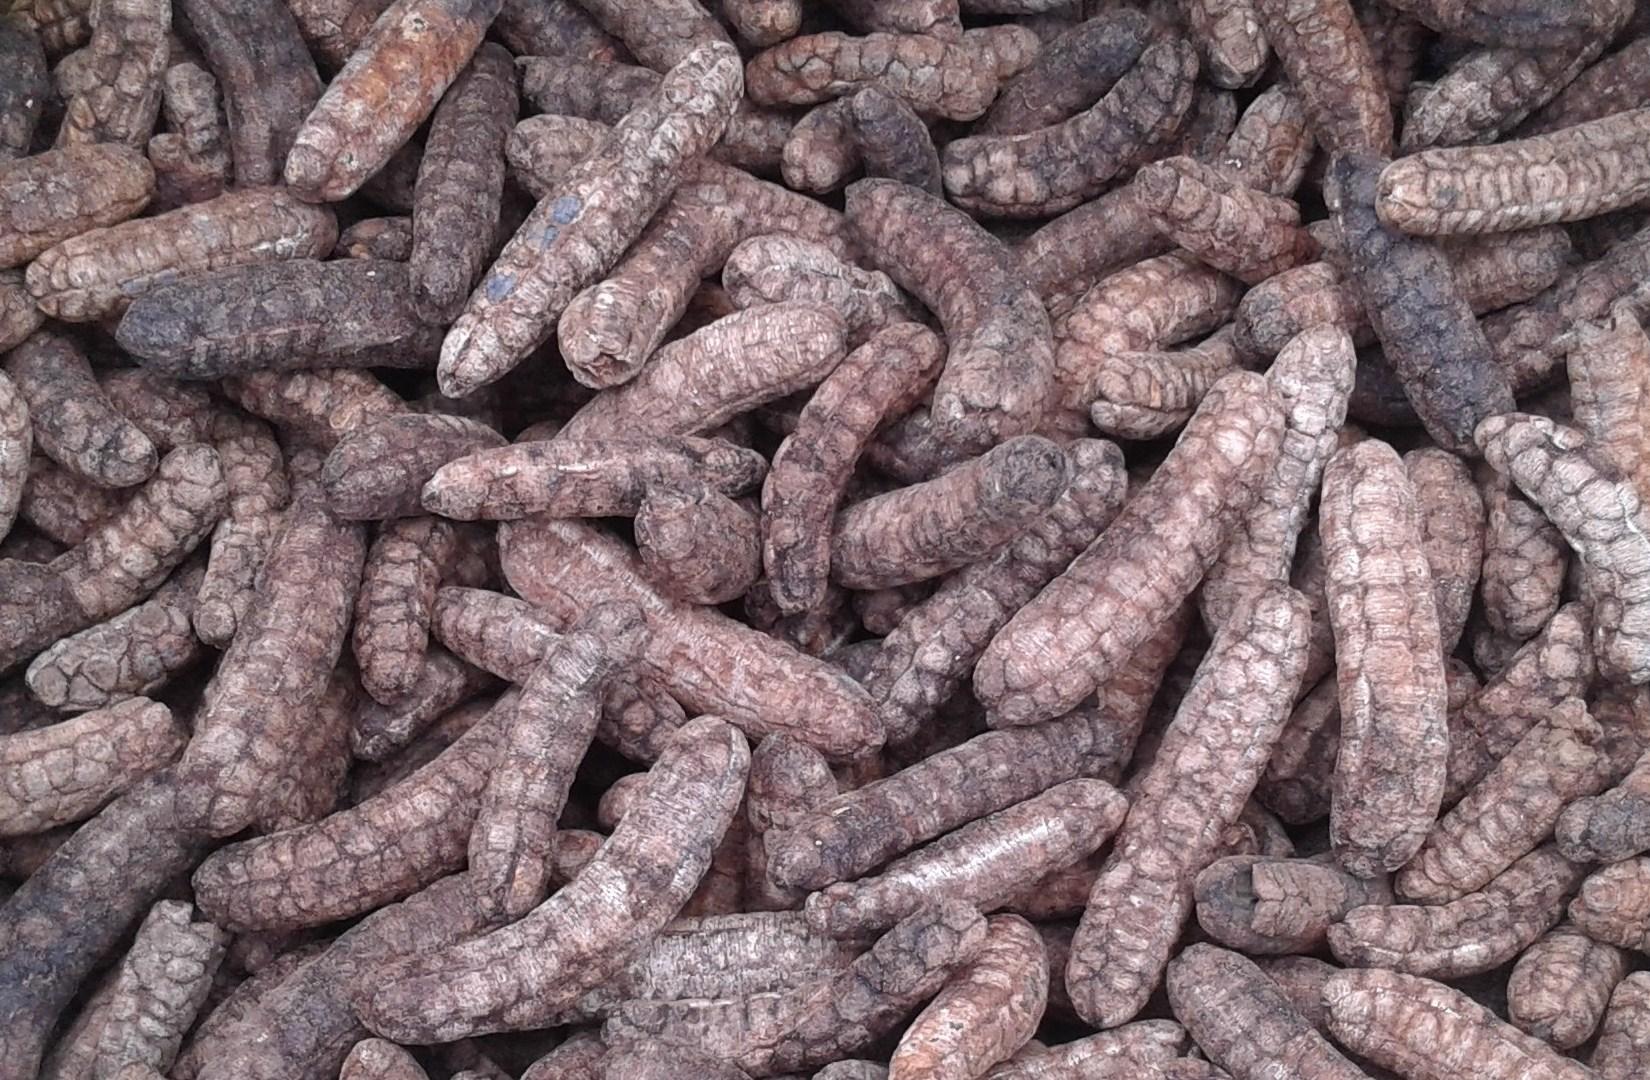 Sản phẩm được làm ra bằng cách phơi khô tự nhiên và có màu đen hơn so với chuối tự sấy